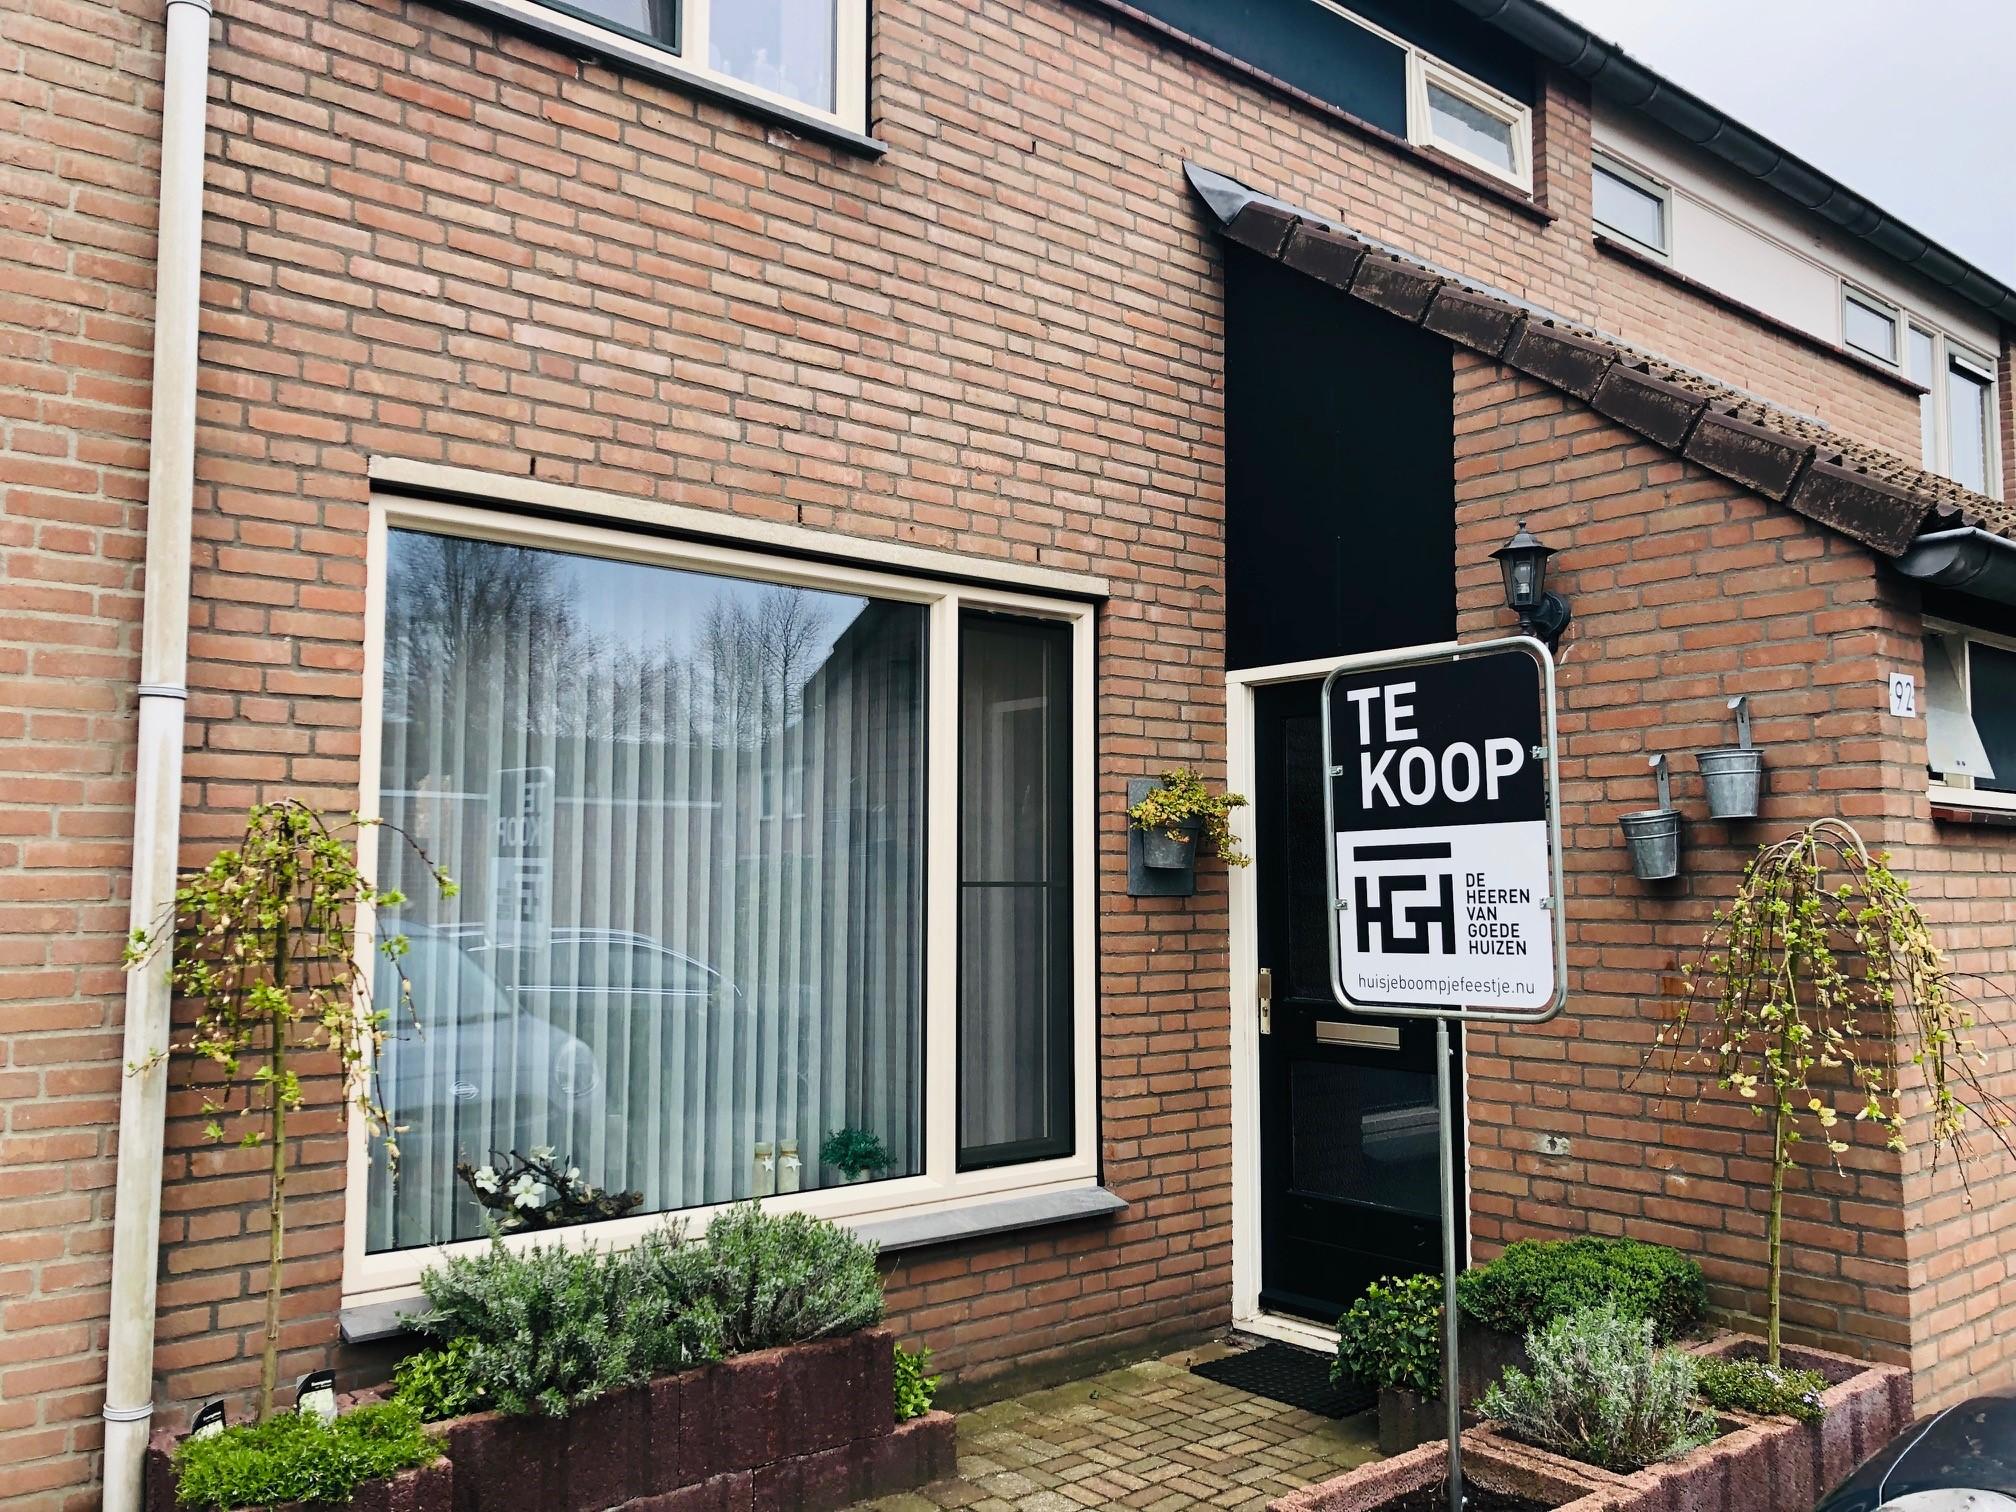 Te koop Helmond Scheerderhof 92